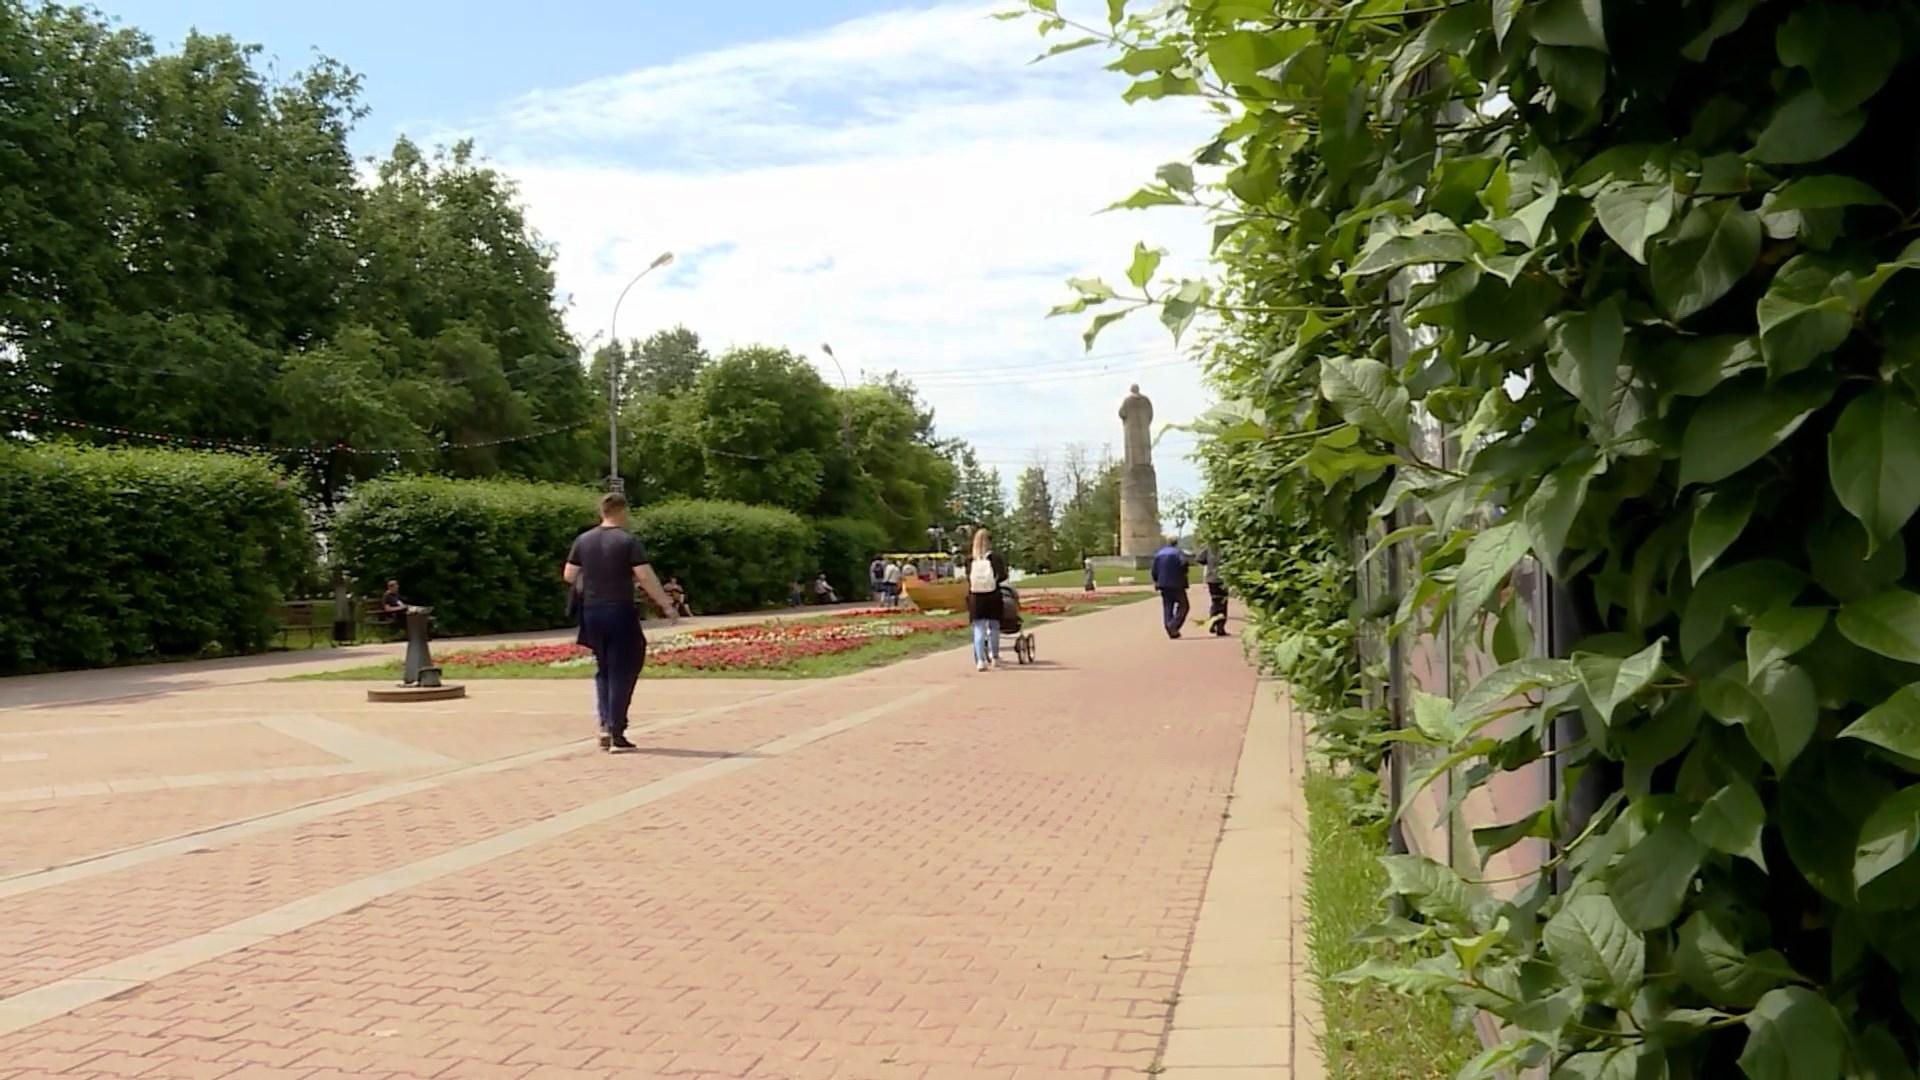 Костромская область впервые попала в ТОП-10 экологического рейтинга регионов